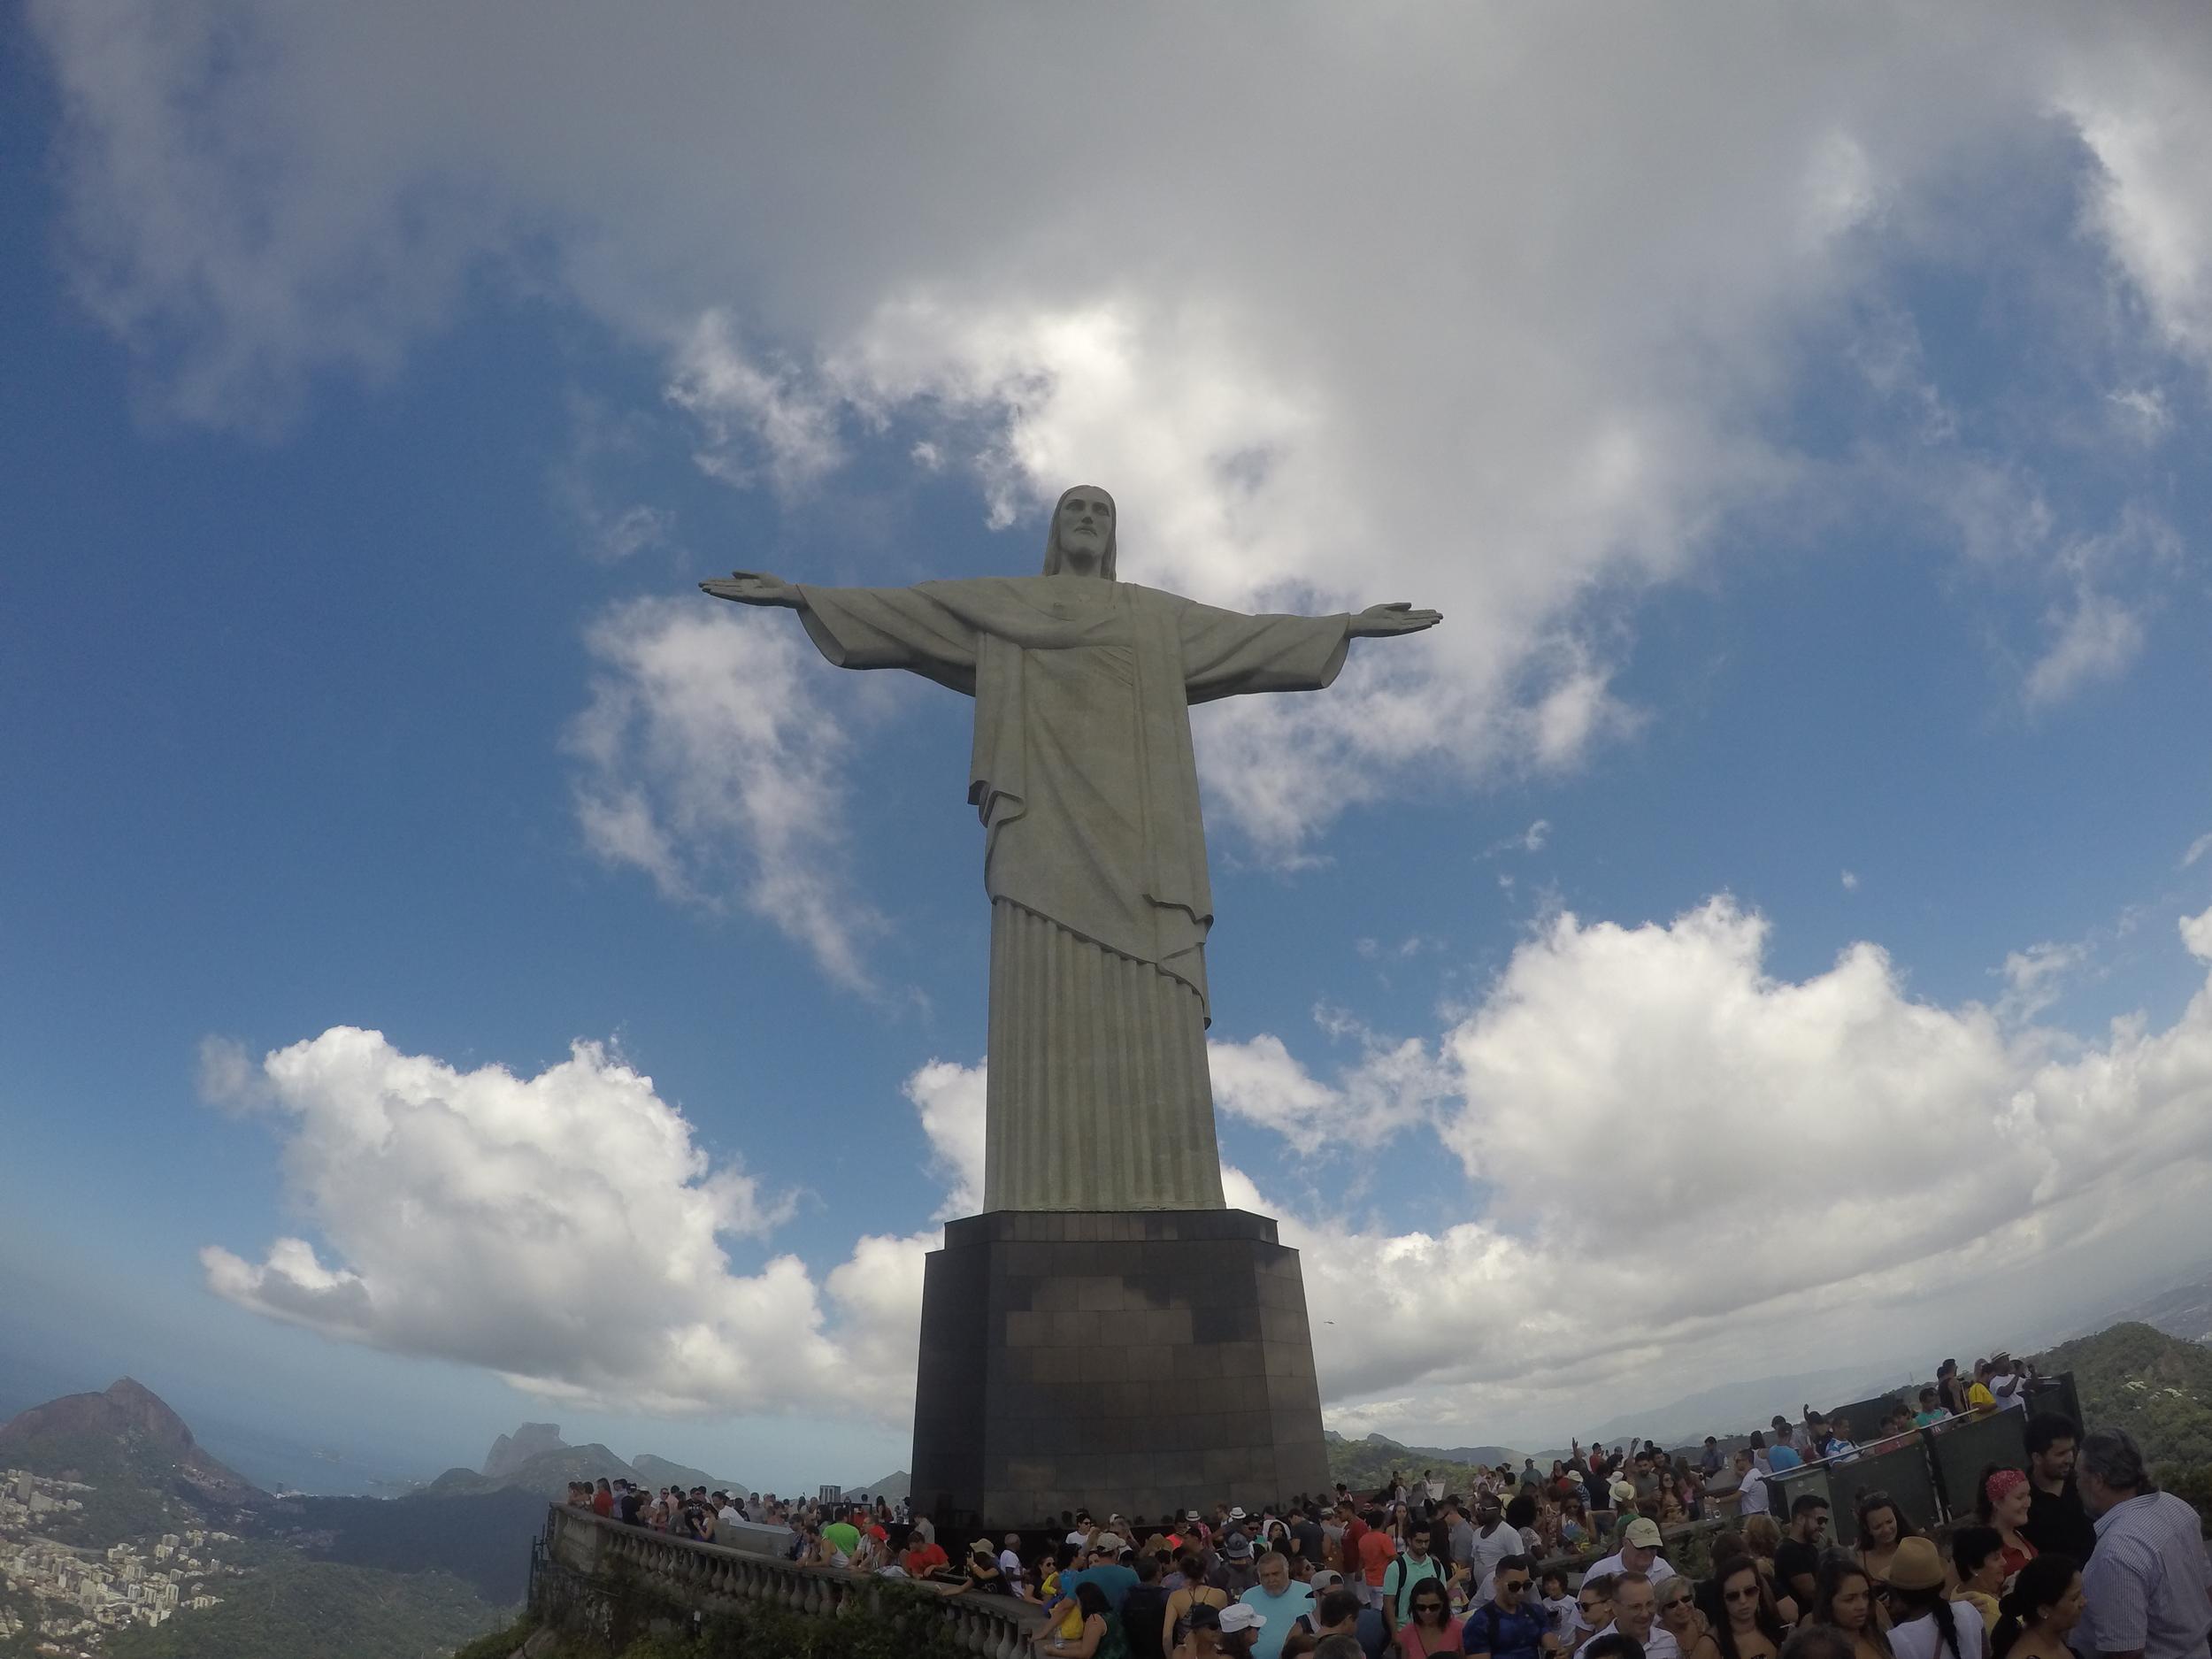 Christ the Redeemer in Rio De Janeiro, Brazil - Rio Travel Tips